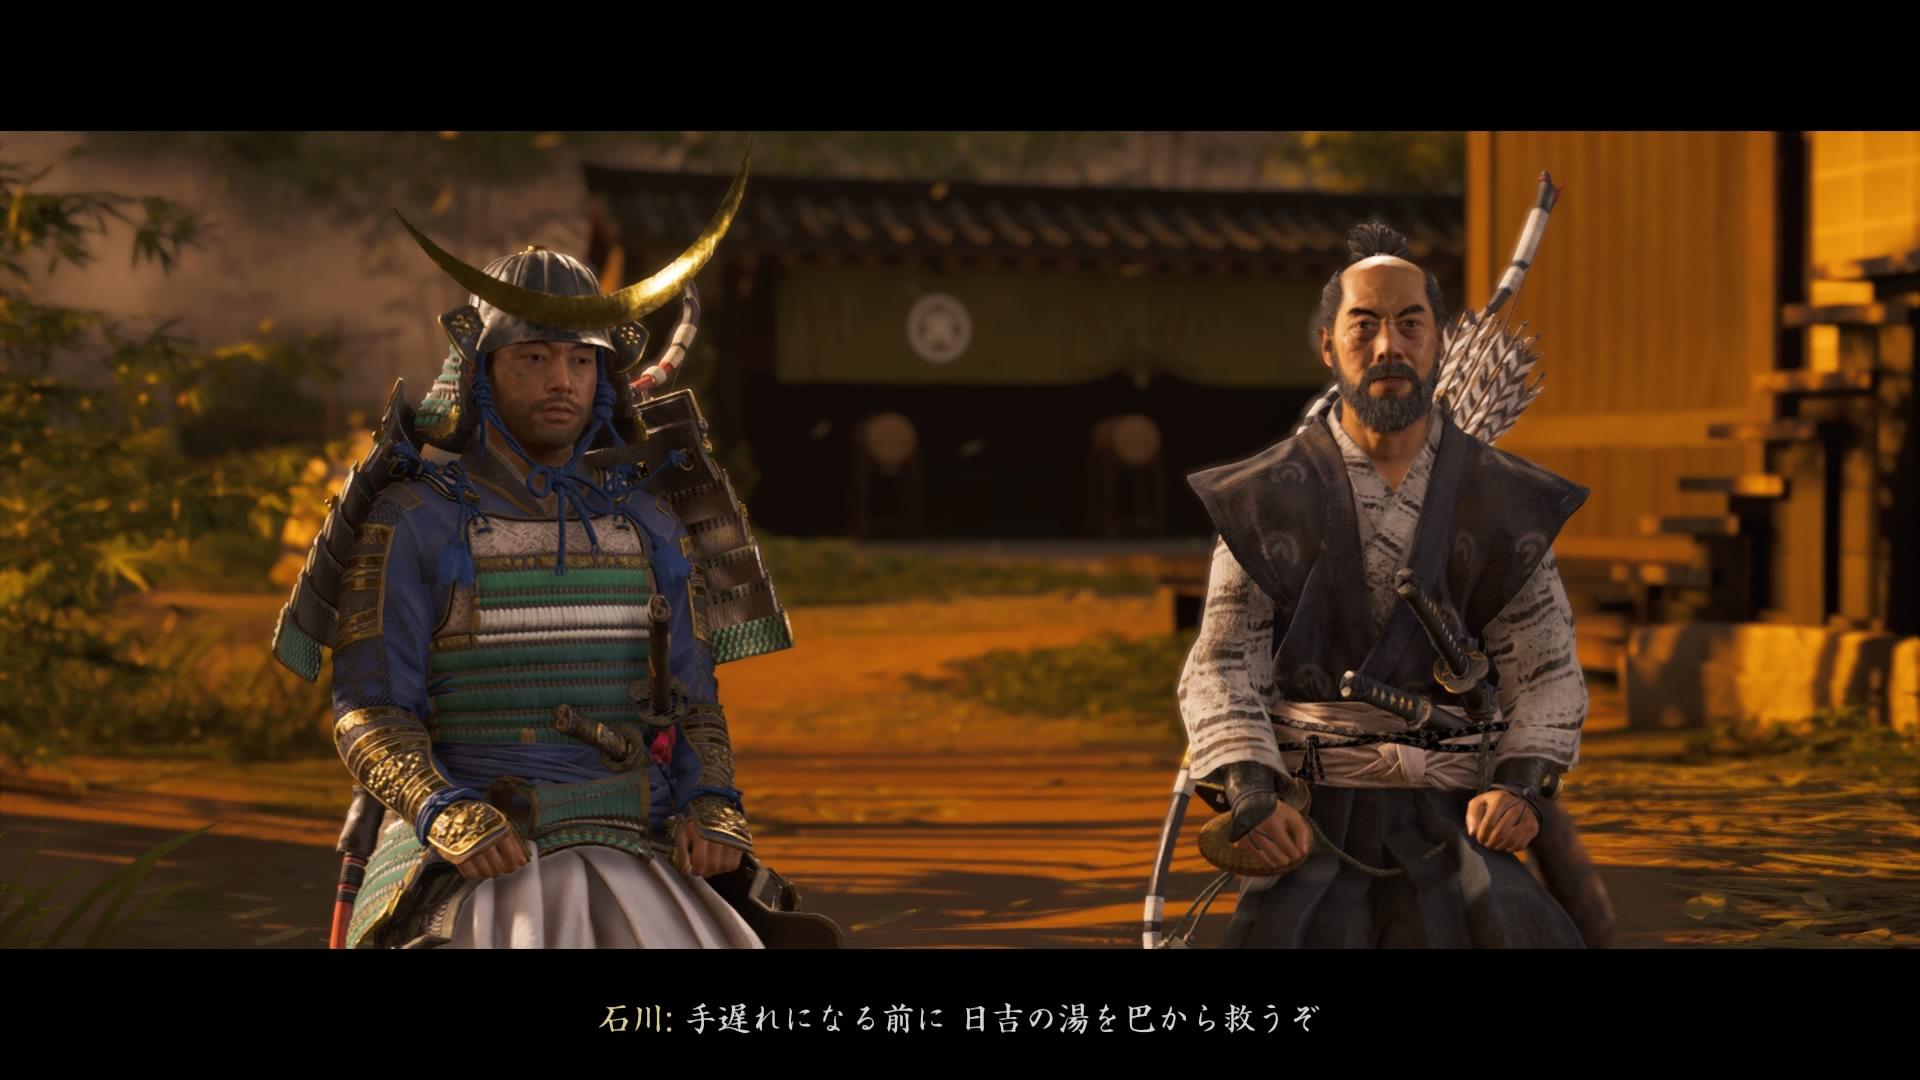 弓取りの名人である石川先生